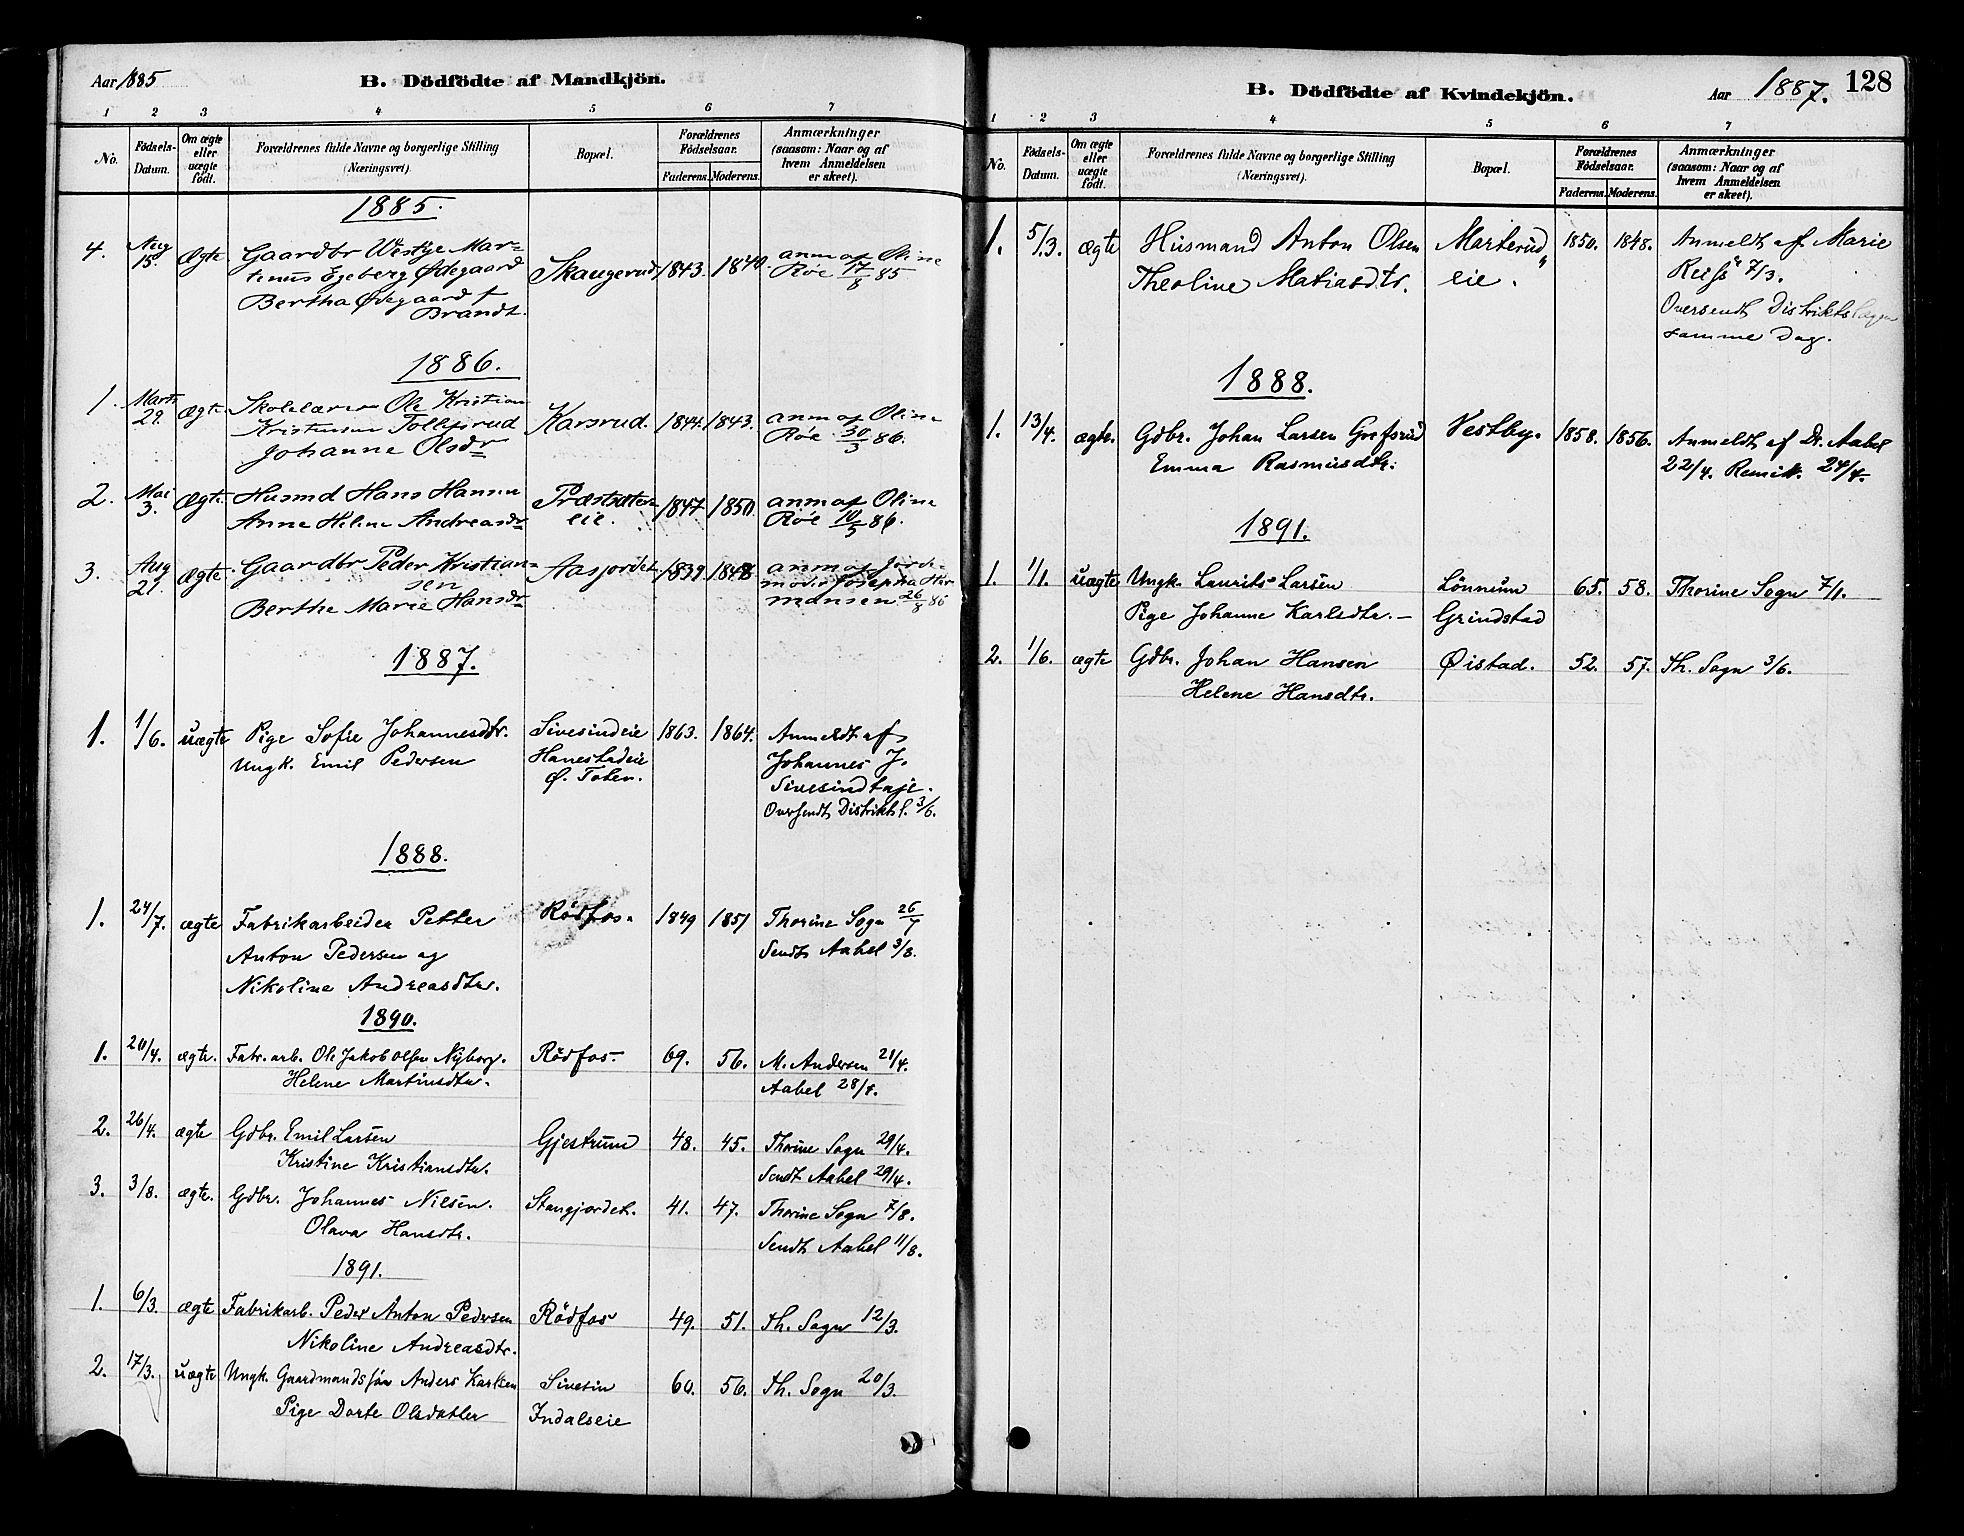 SAH, Vestre Toten prestekontor, Ministerialbok nr. 9, 1878-1894, s. 128